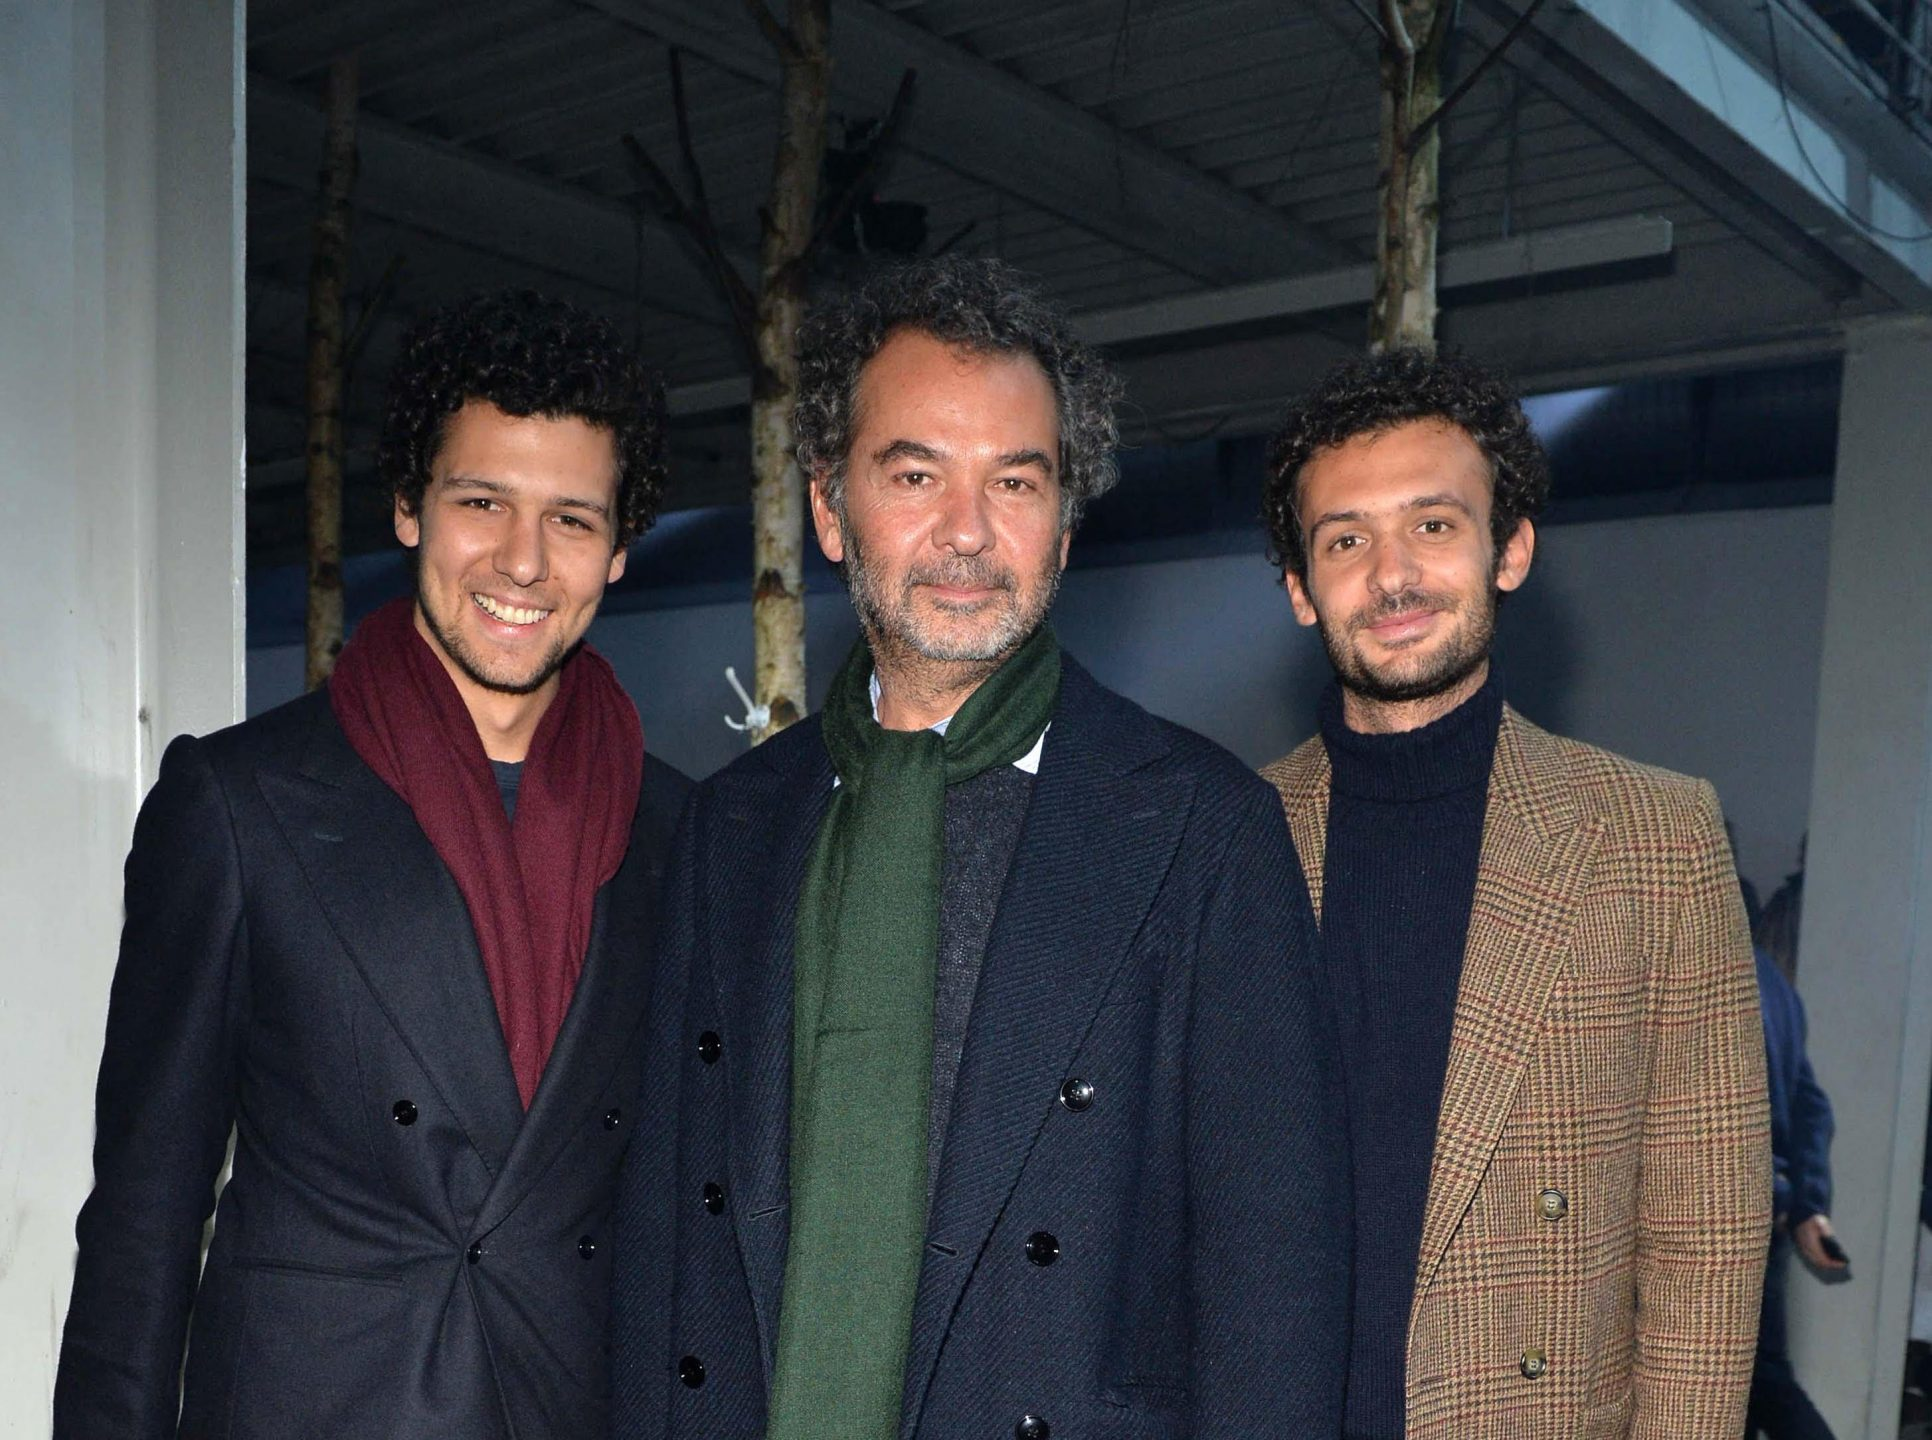 Romeo, Remo e Pietro Ruffini di Moncler